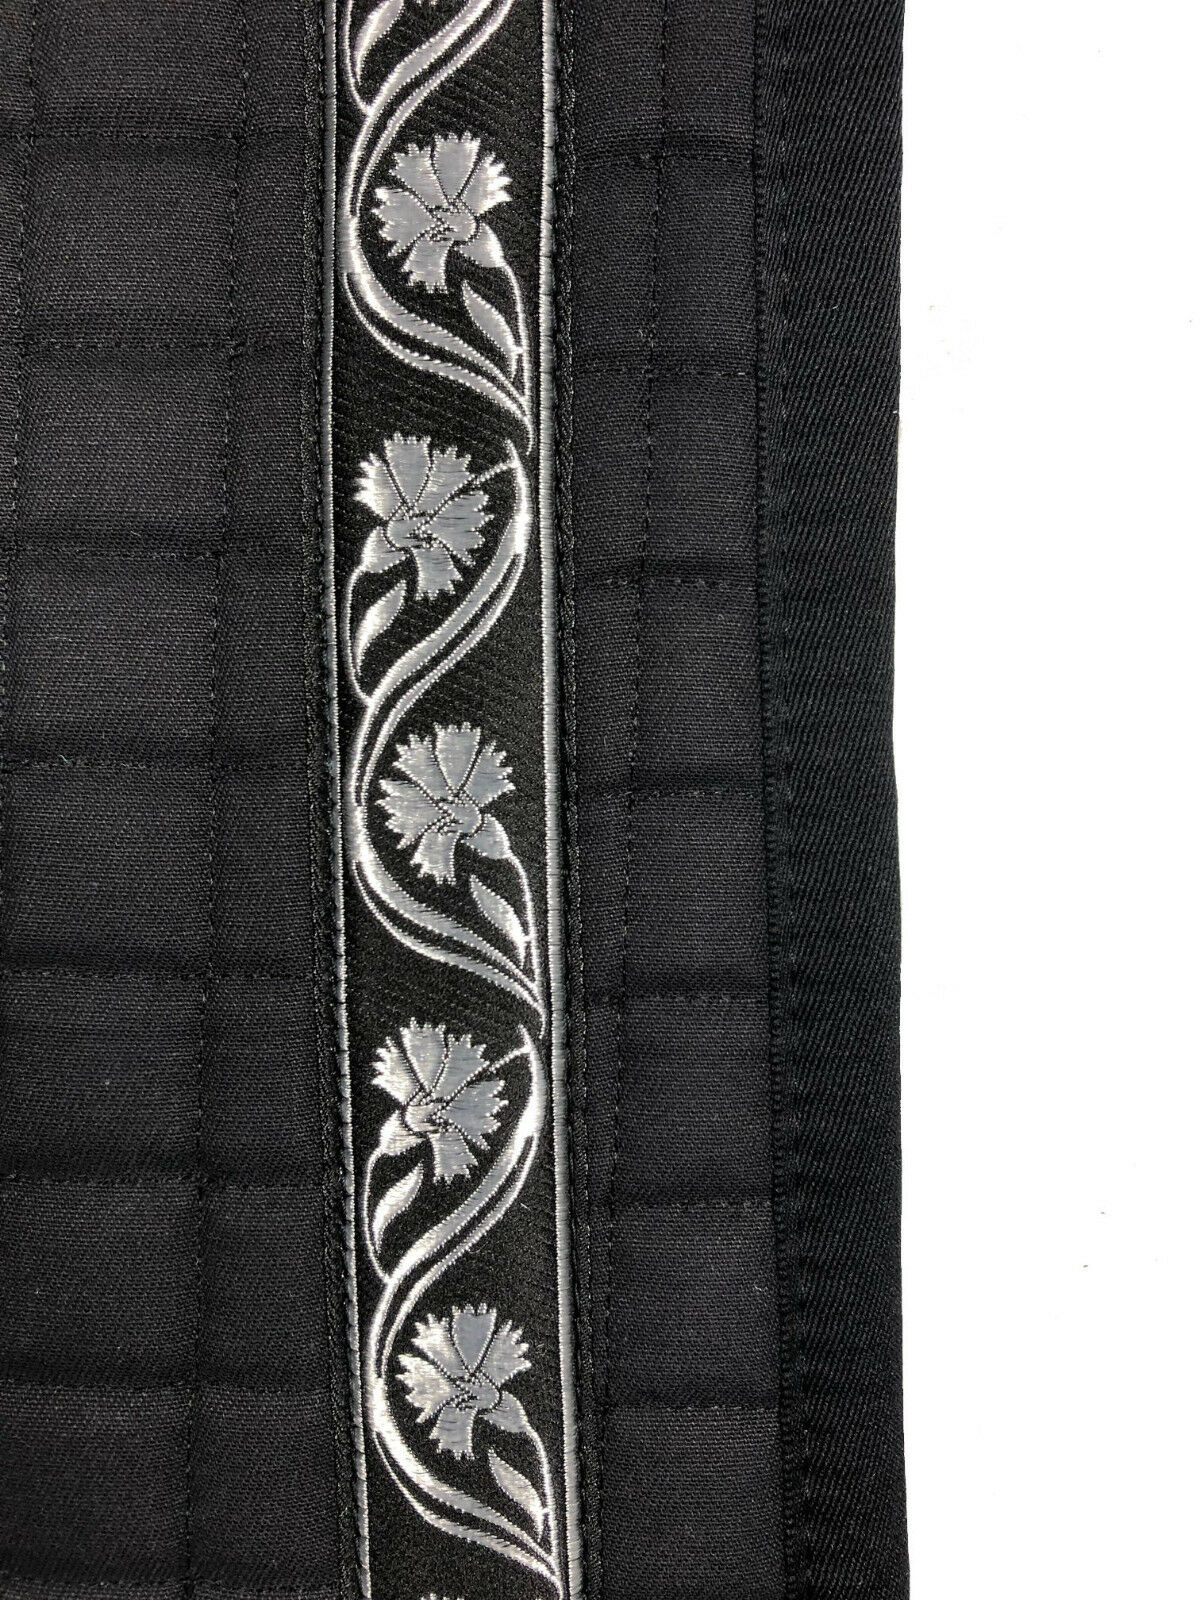 Barock Dressur Dressur Dressur Schabracke in Schwarz mit hübscher Borte in Silber 9c1b58